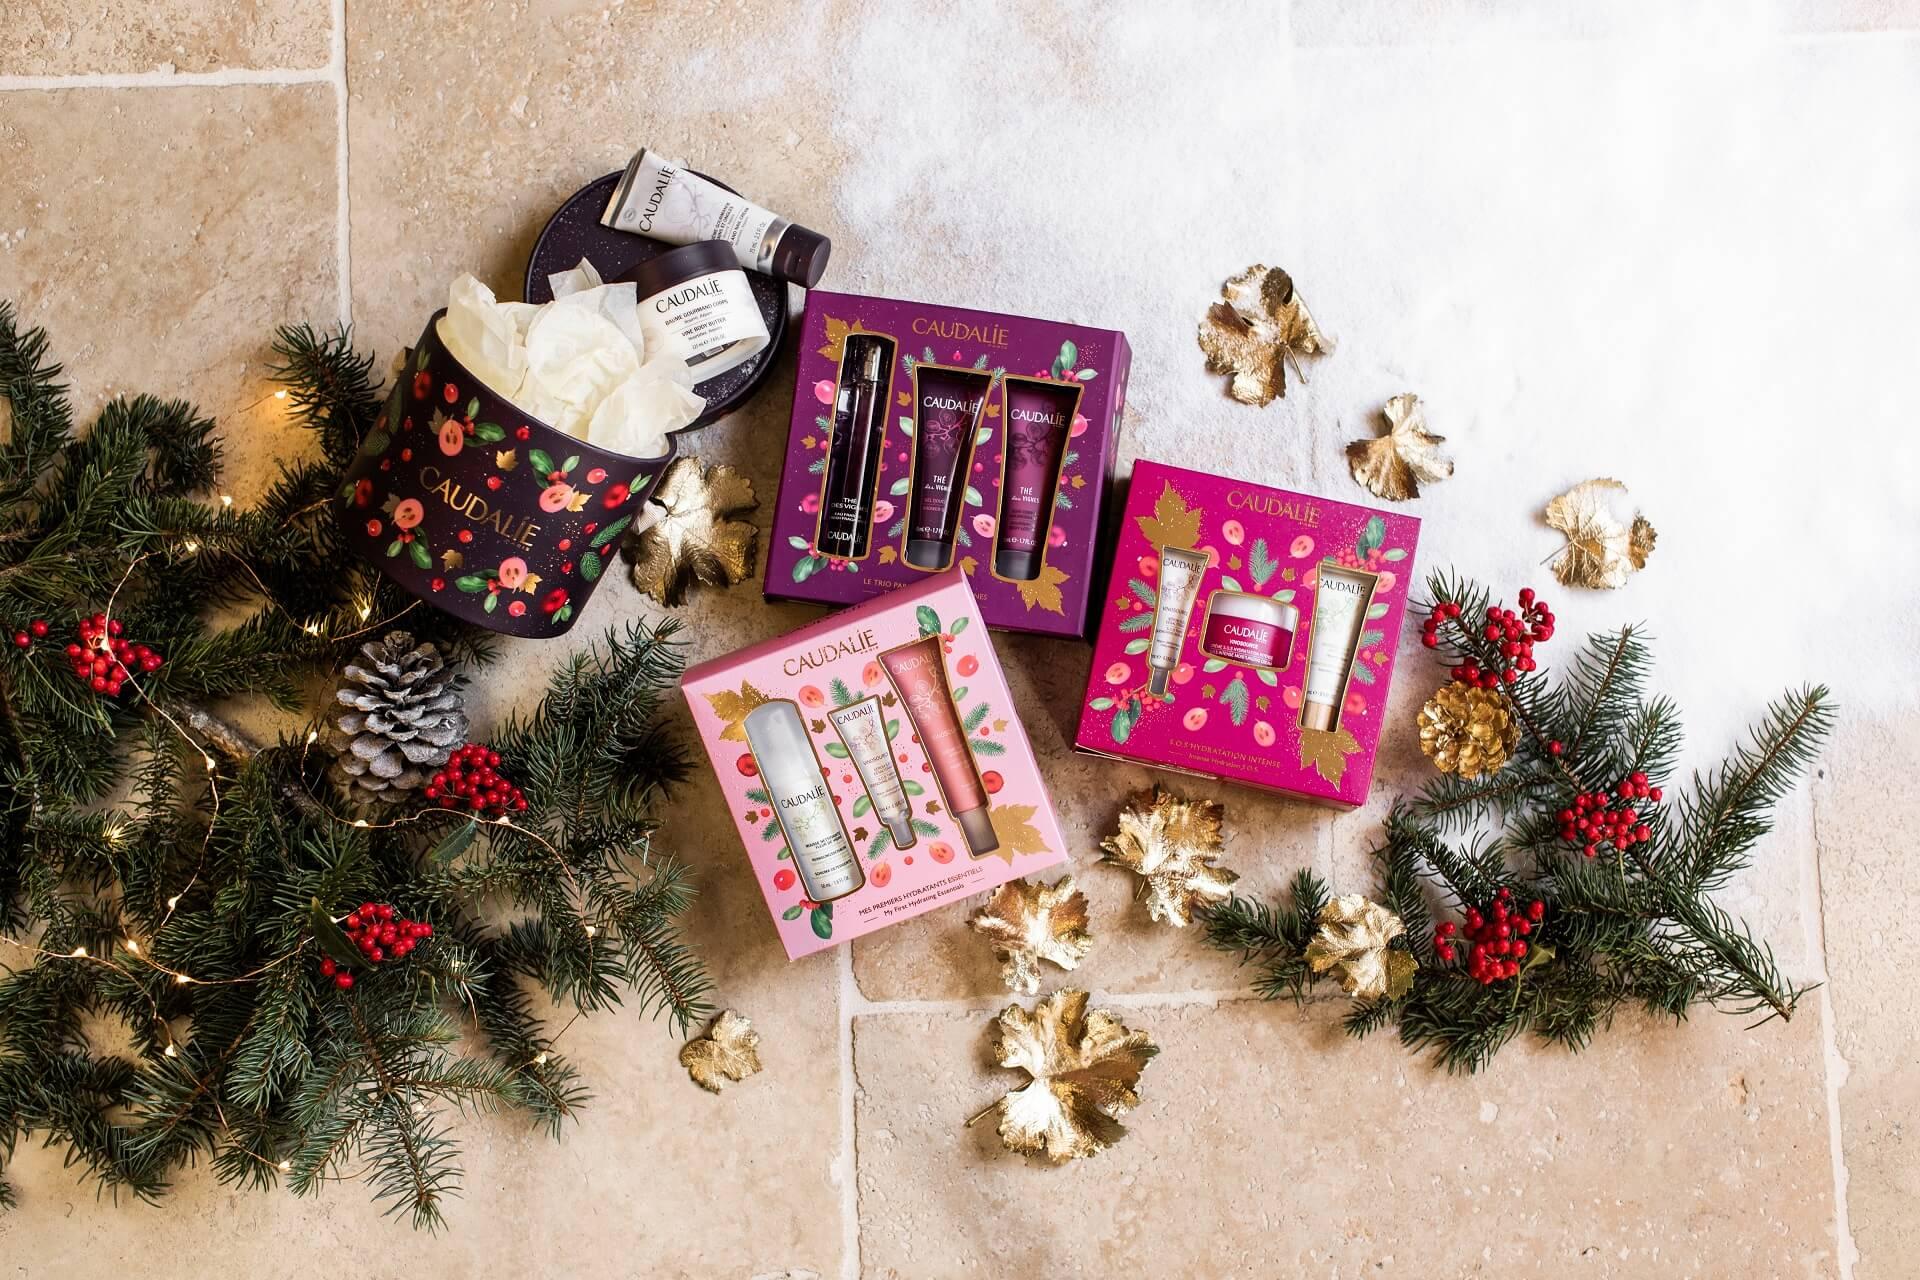 Осознанное Рождество: Тематическая коллекция праздничного настроения от брендаCaudalie-Фото 4